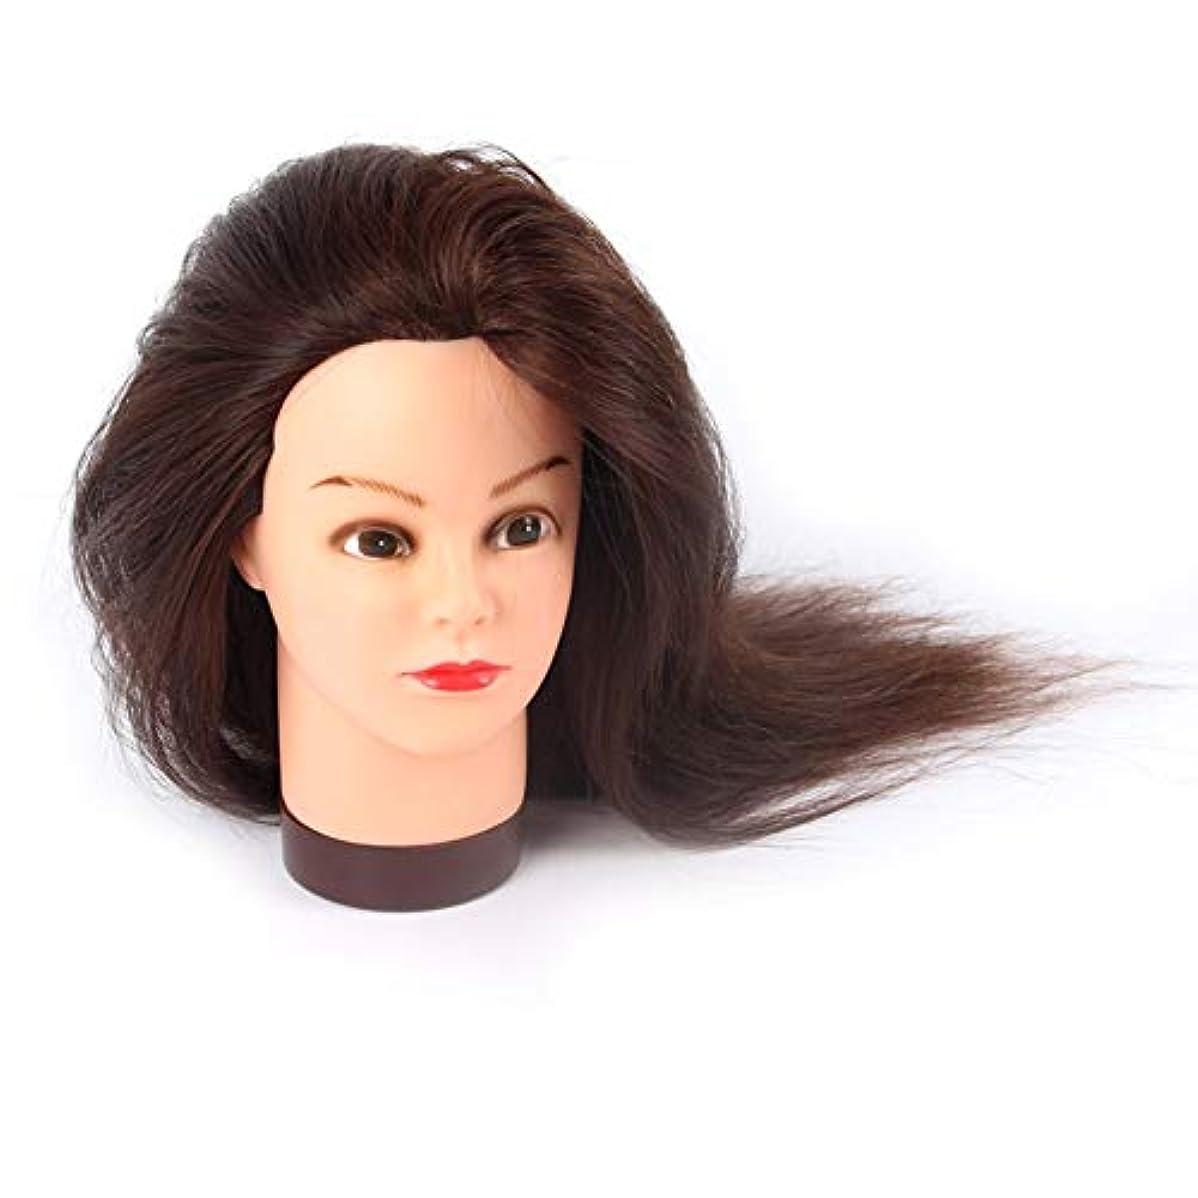 グローバル郵便物厳しいリアルヘア熱いロール指導ヘッド理髪店学習パーマ髪染めダミーヘッド花嫁メイクモデリングマネキンヘッド